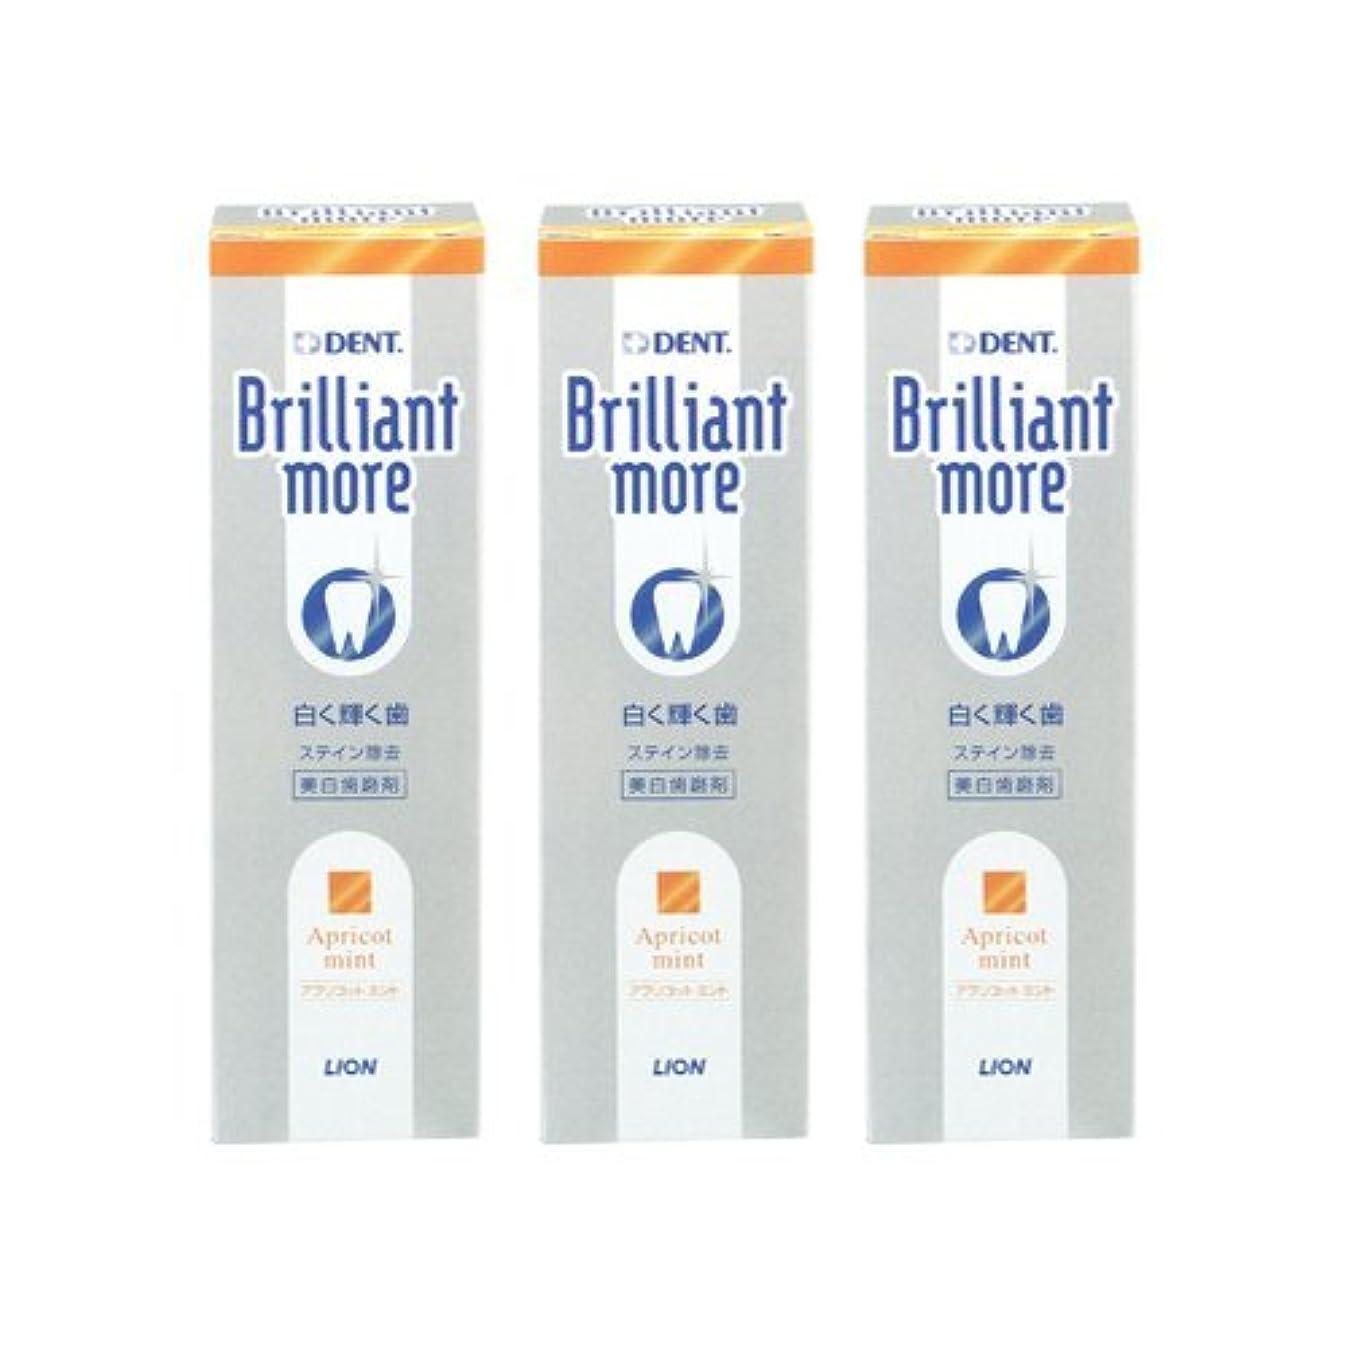 水っぽい日記約束するライオン ブリリアントモア アプリコットミント 3本セット 美白歯磨剤 LION Brilliant more